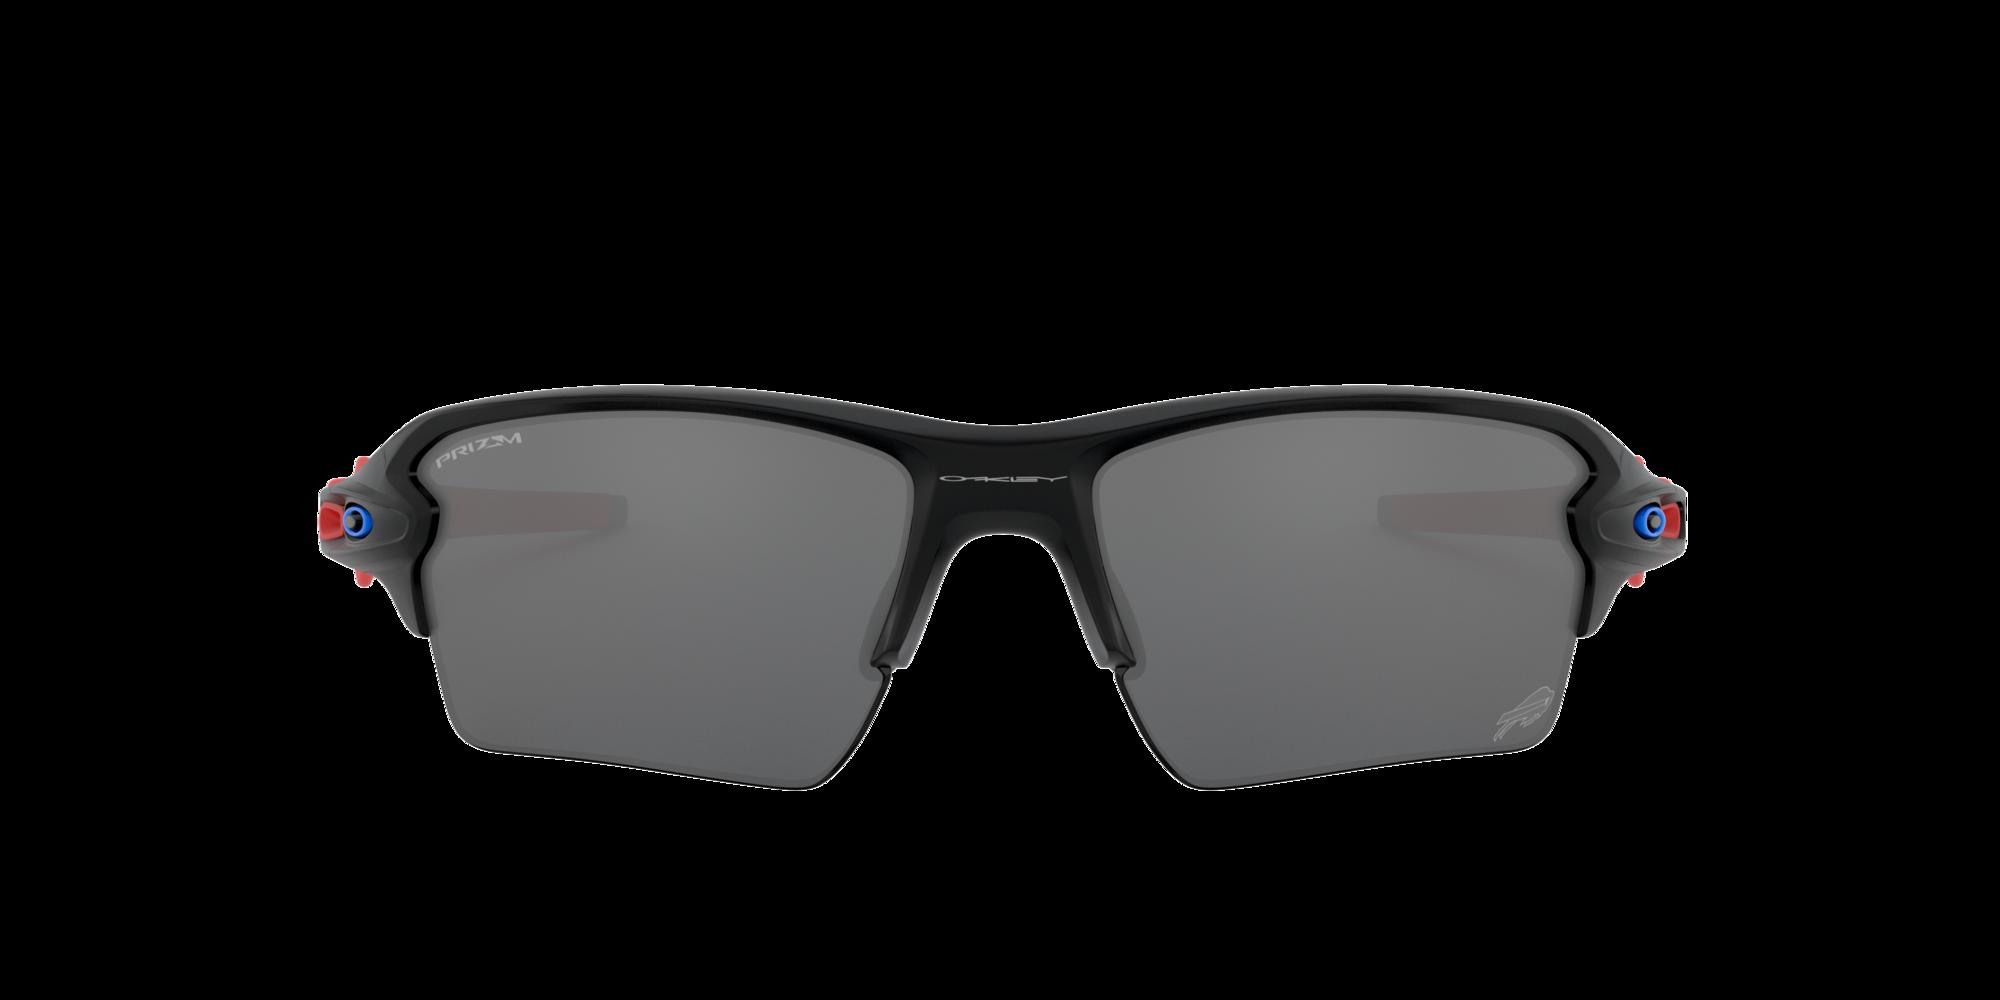 Imagen para OO9188 59 FLAK 2.0 XL de LensCrafters    Espejuelos, espejuelos graduados en línea, gafas